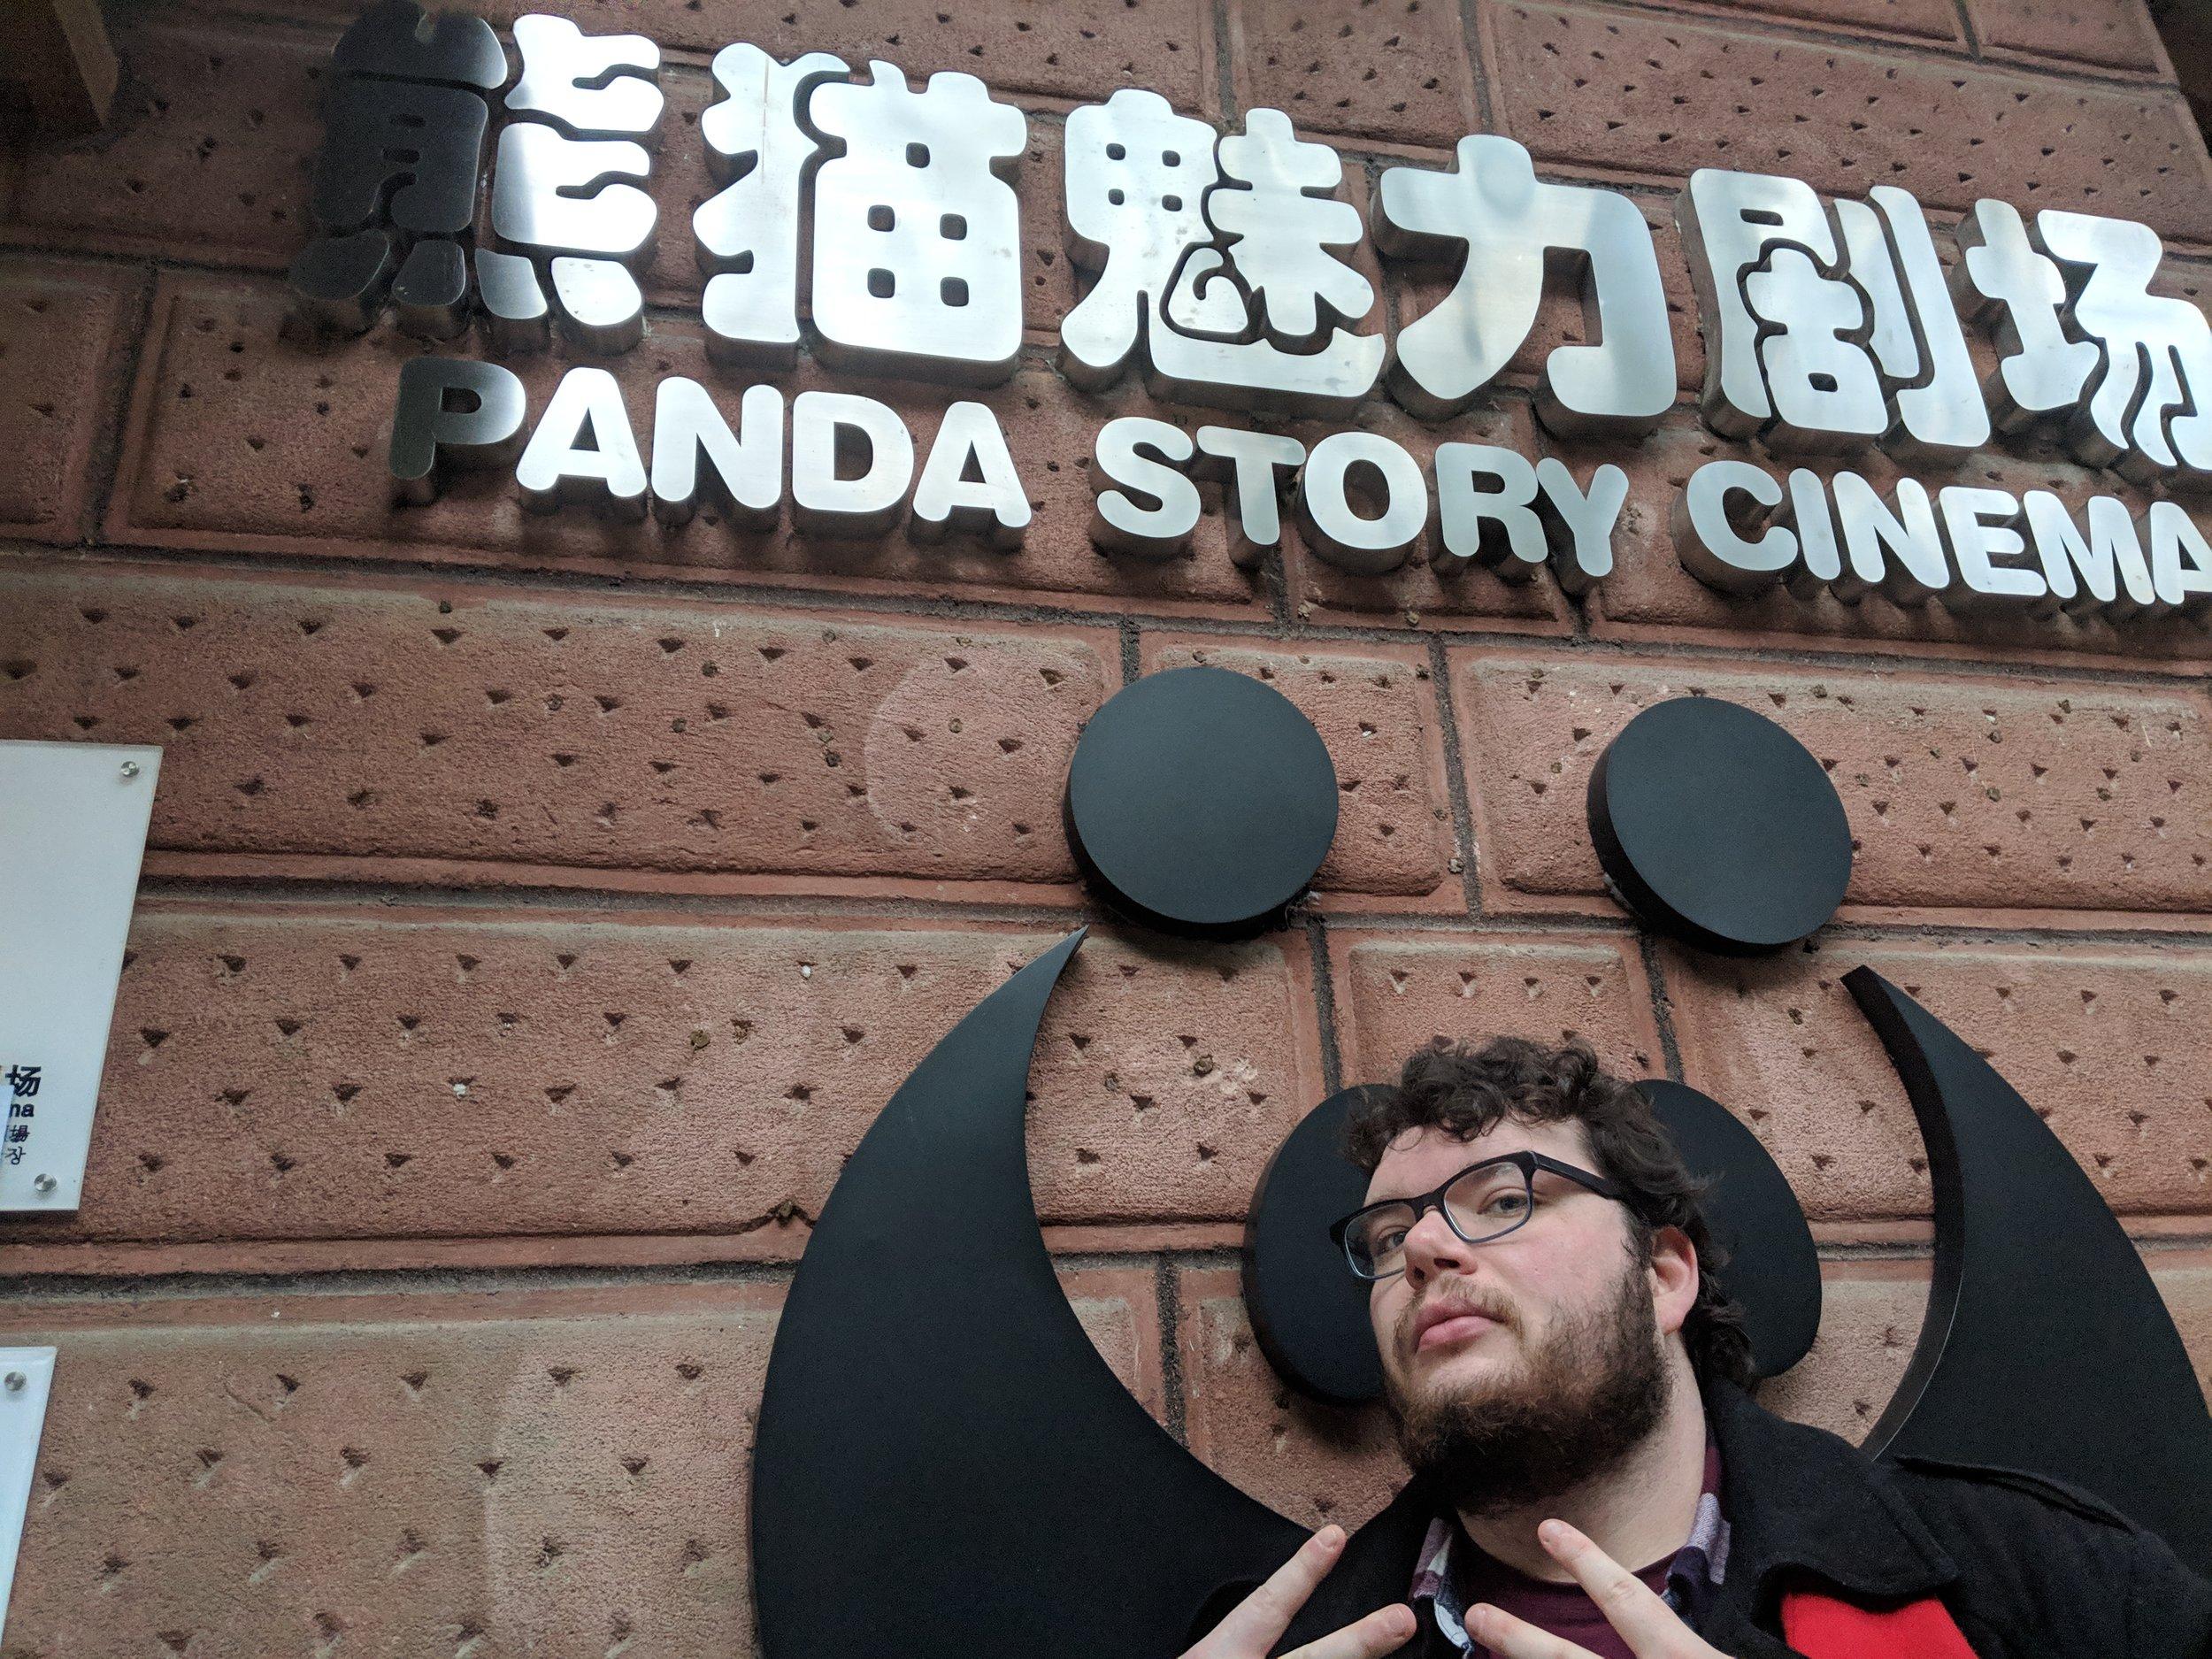 Kung-fu panda was not playing that week.